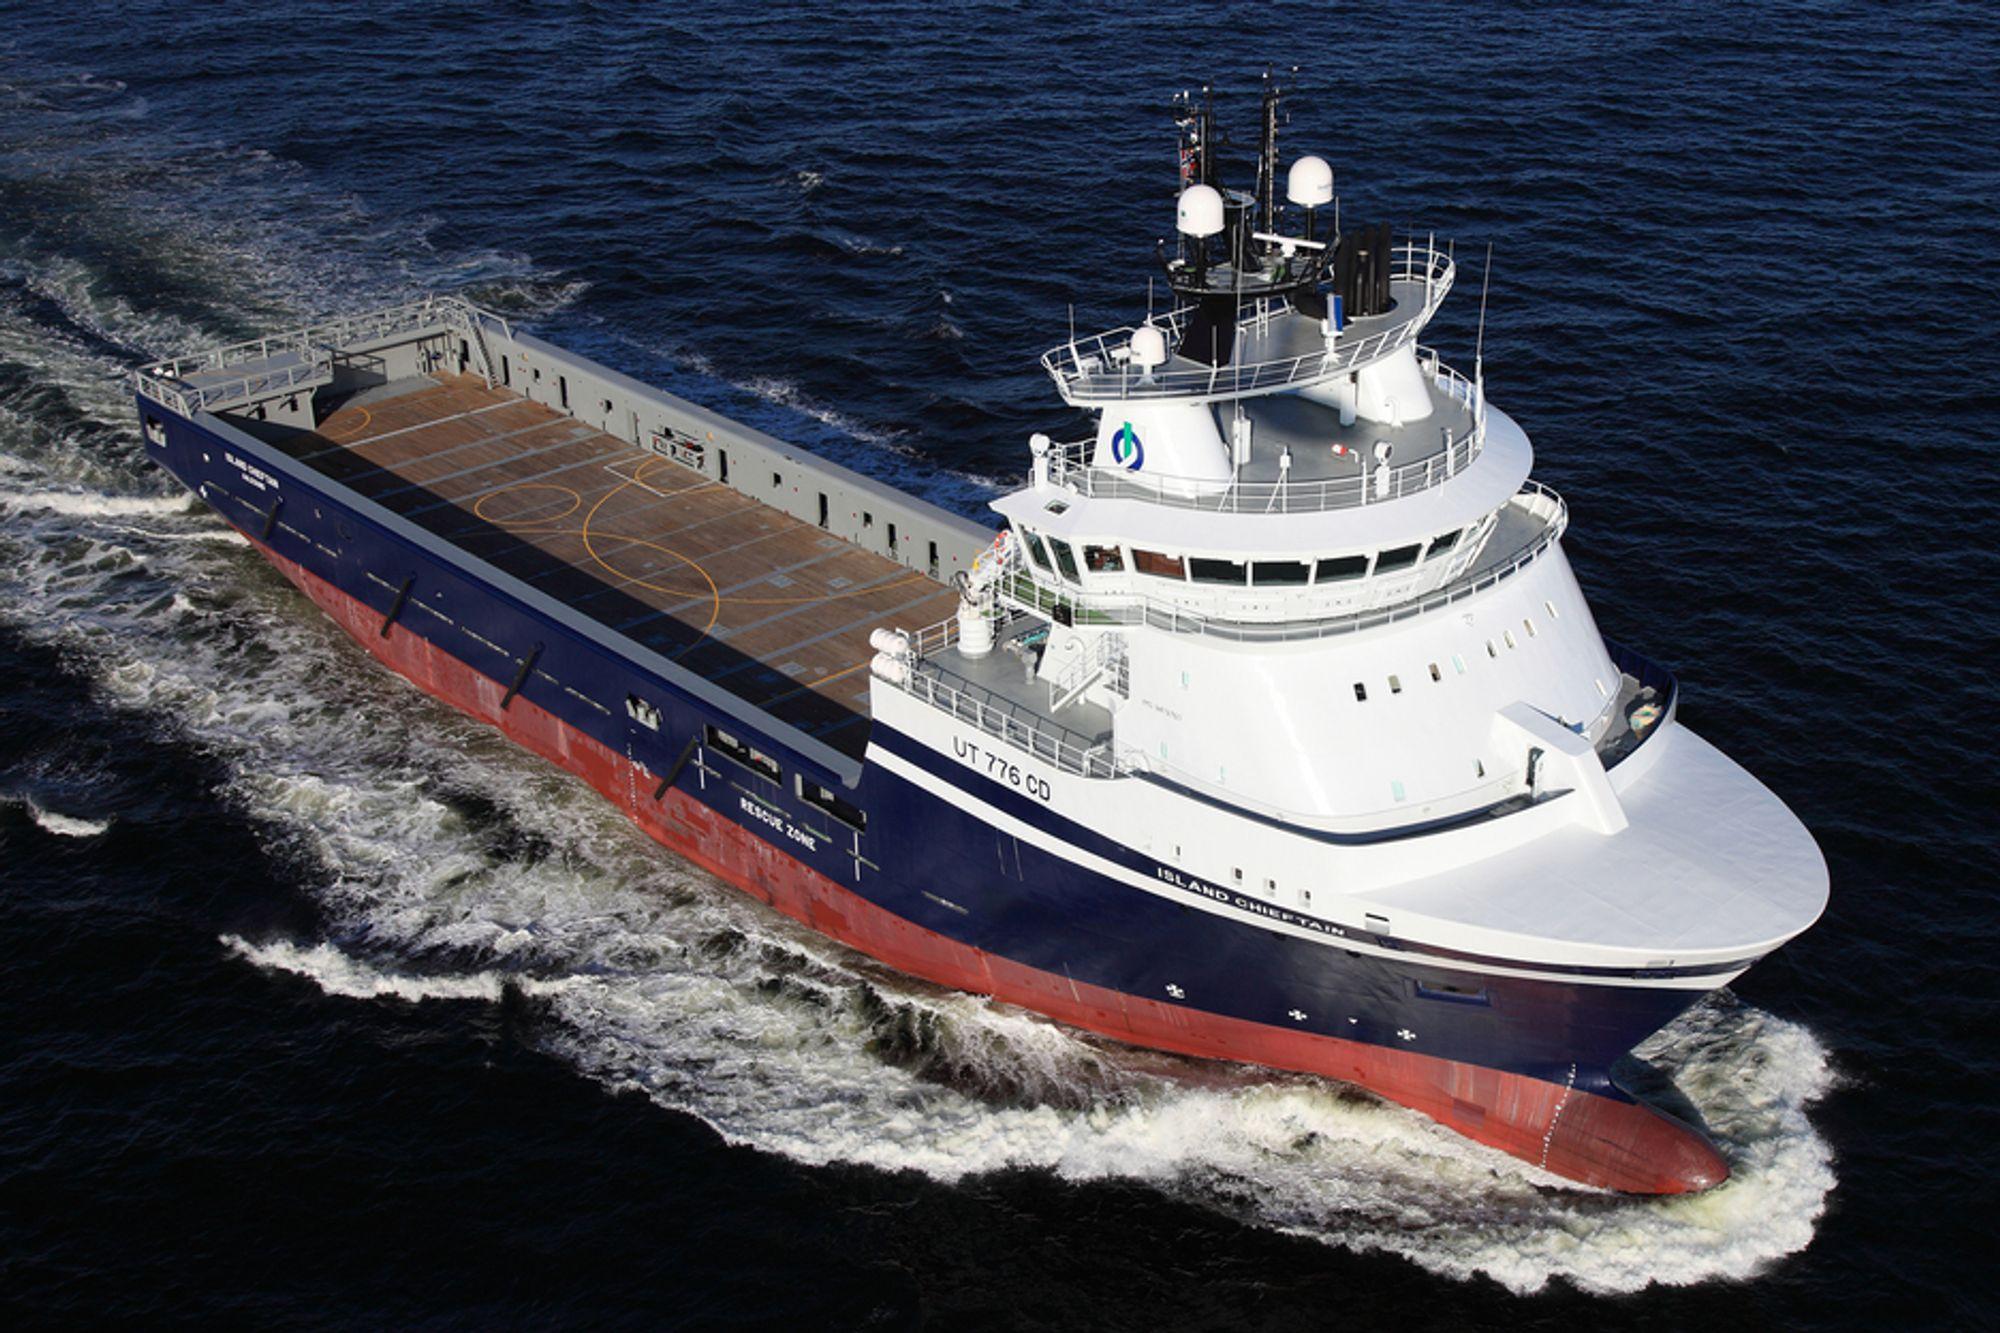 ISLAND CHIEFTAIN: De to nye bestillingene blir likt som dette 93 meter lange og 20 meter brede forsyningsskipet.